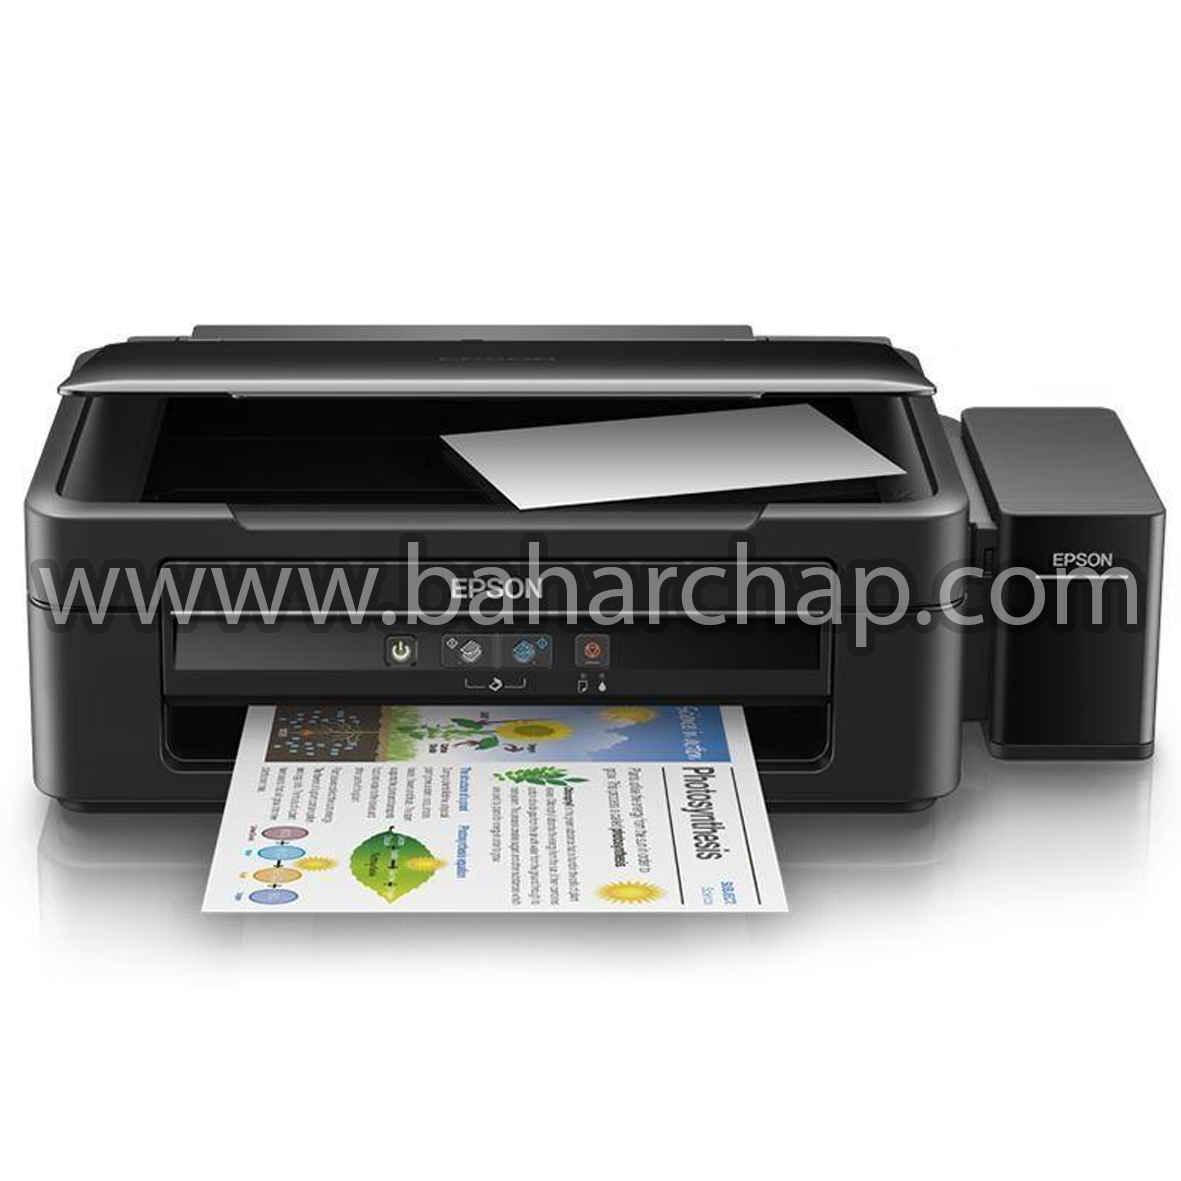 فروشگاه و خدمات اینترنتی بهارچاپ اصفهان-نرم افزار ریست پرینتر اپسون L382-Epson Adjustment program L382